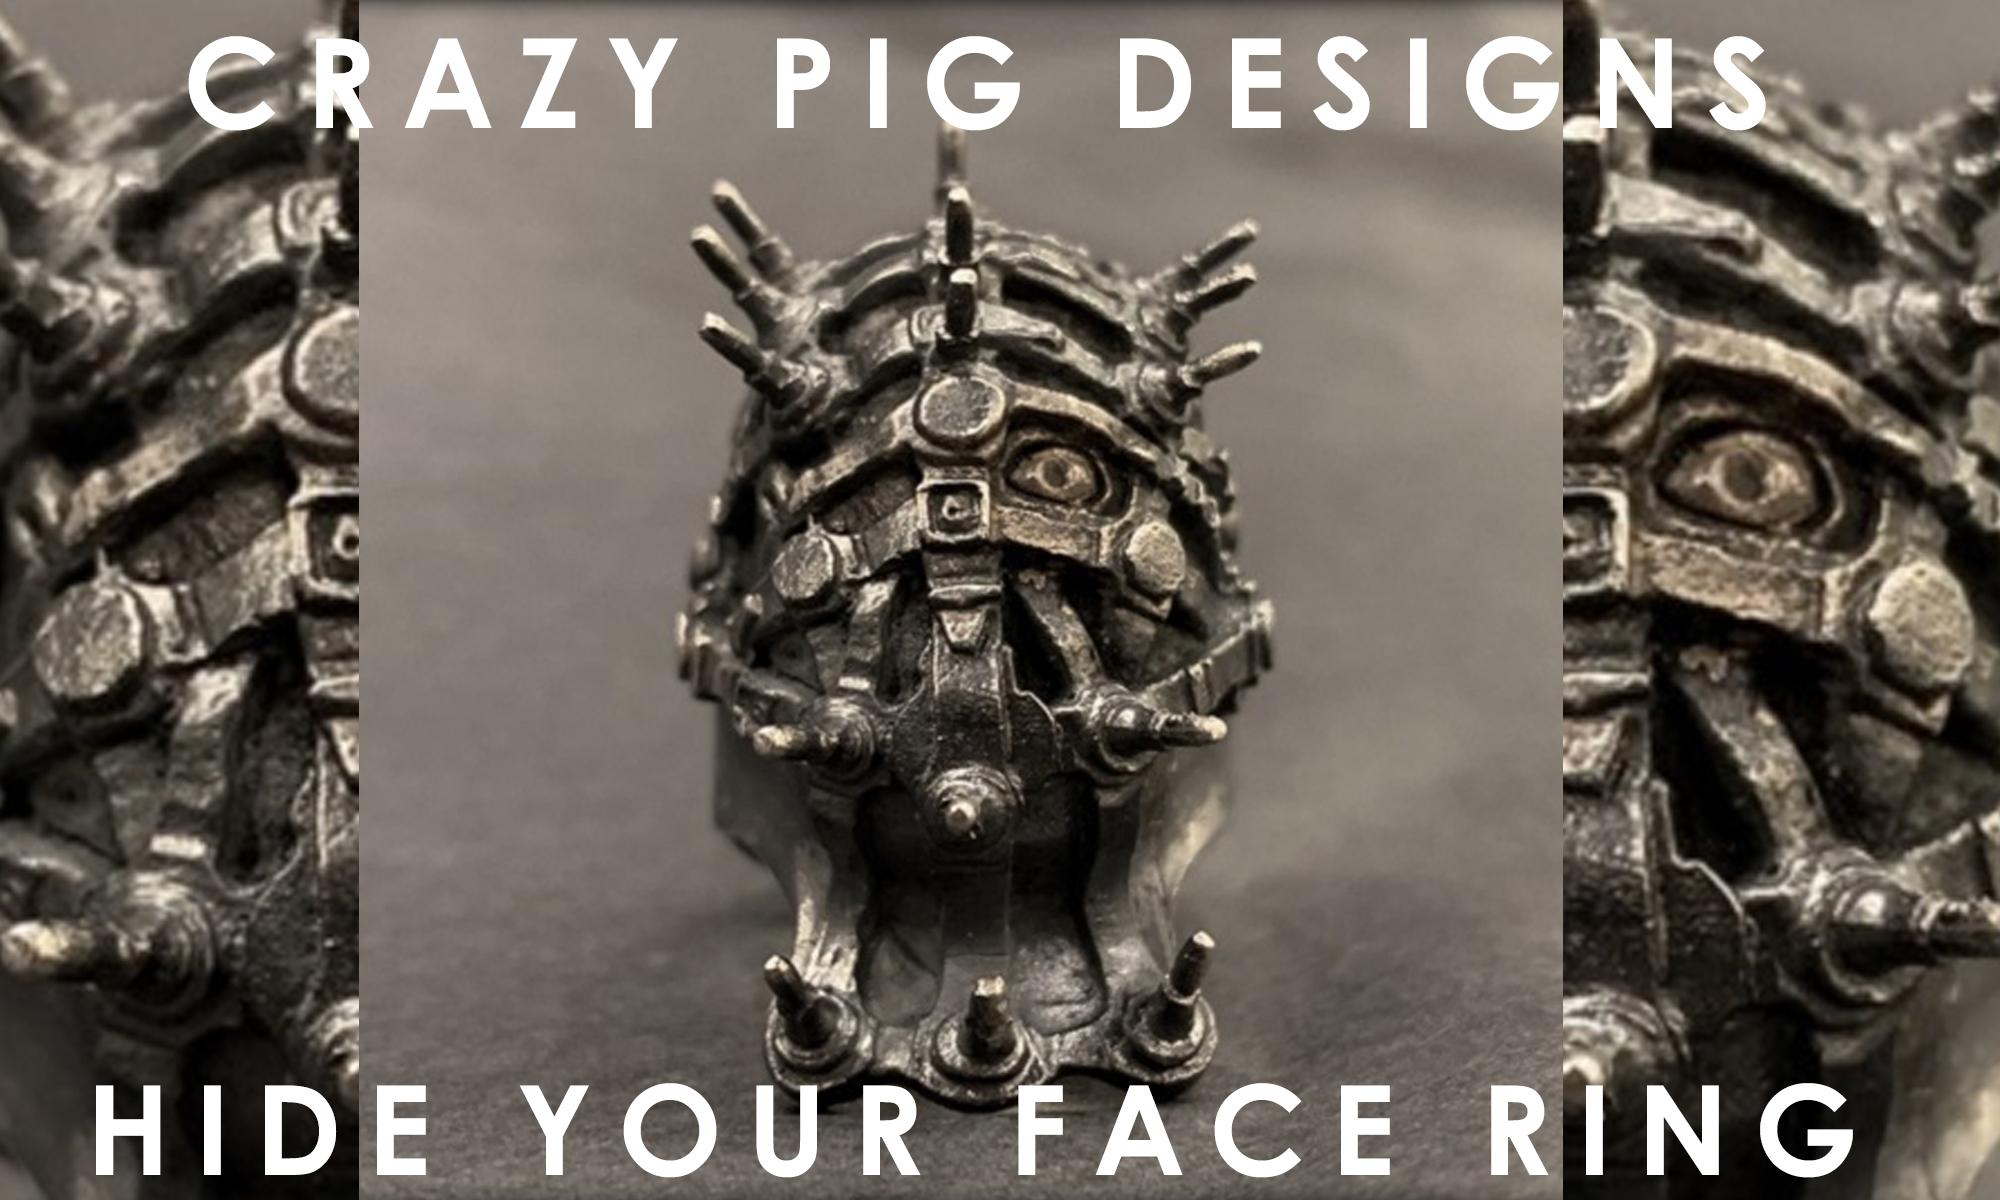 世界限定99個の超プレミアムリング! CRAZY PIG DESIGNS -HIDE YOUR FACE RING-